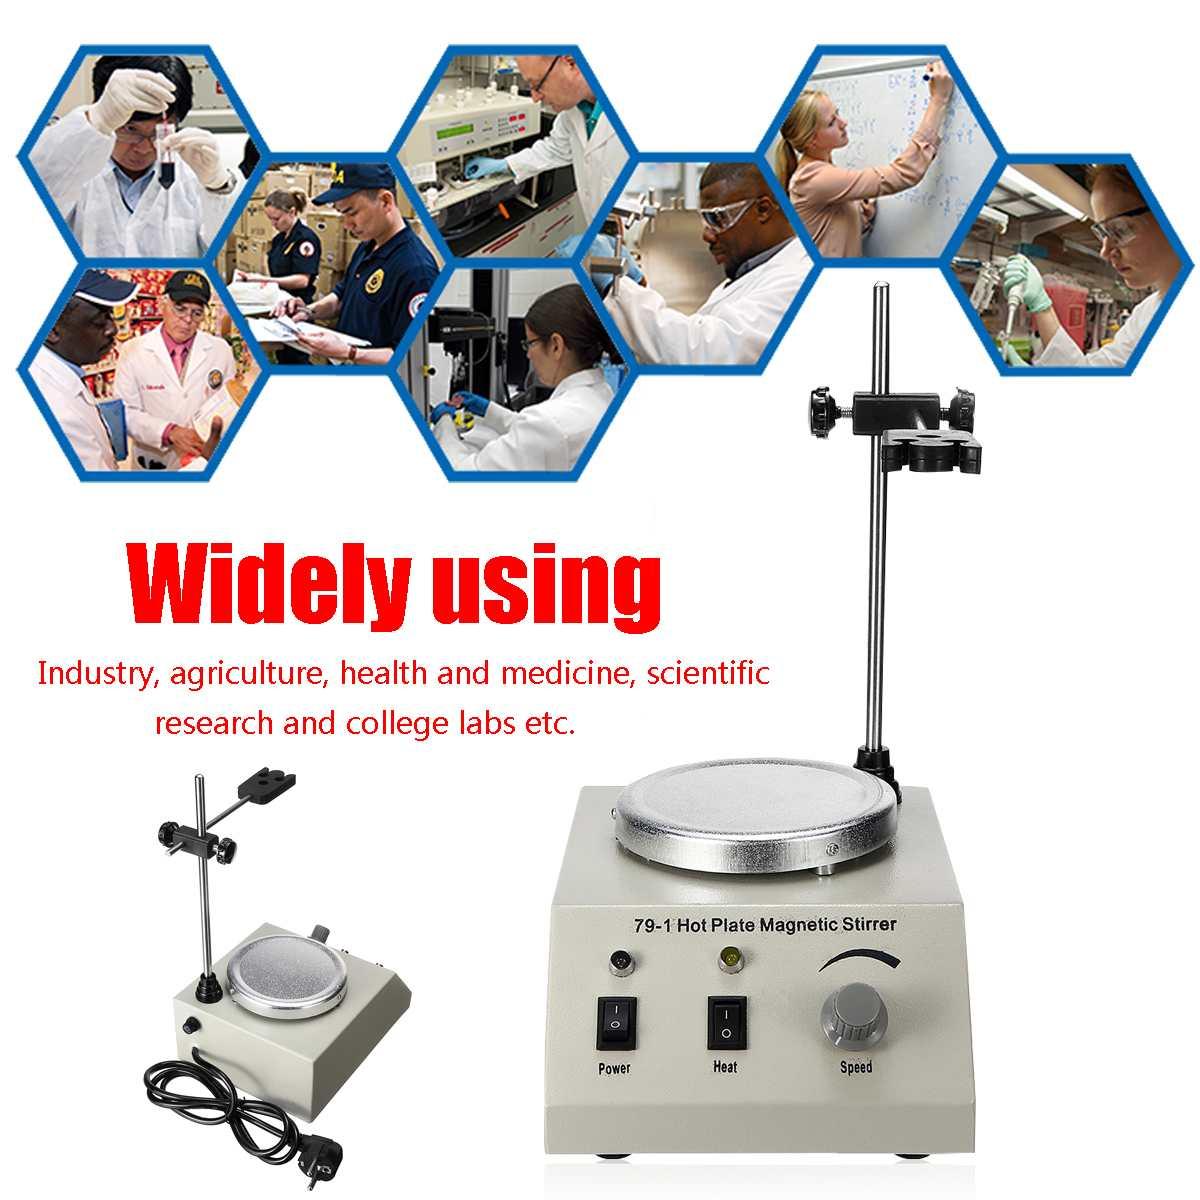 Mélangeur de contrôle variable de vitesse de laboratoire d'agitateur magnétique de plaque chaude de 79-1 1000 ml 110/220 V aucun bruit aucune Vibration US/EU/AU - 3